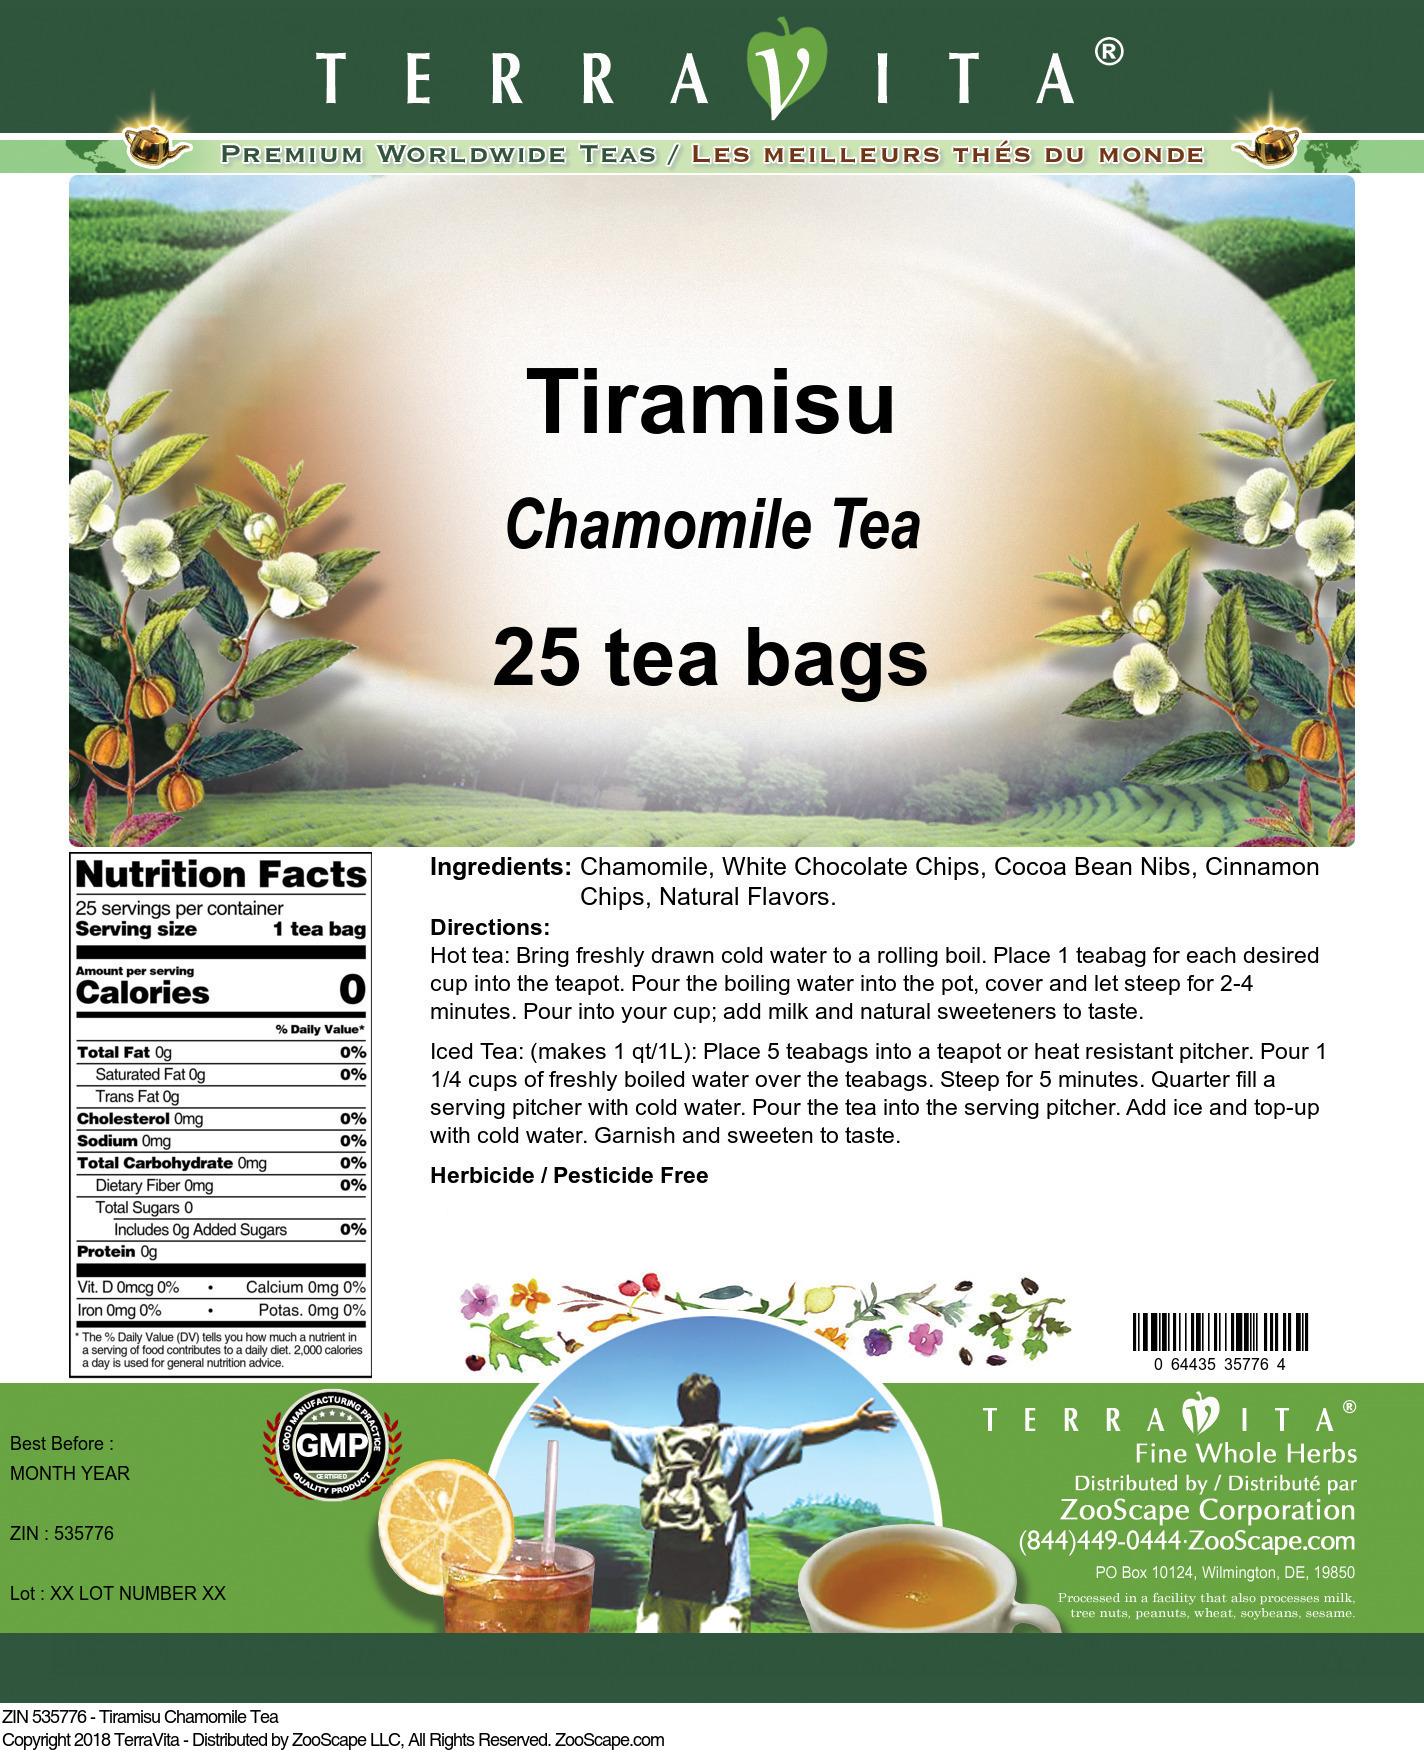 Tiramisu Chamomile Tea